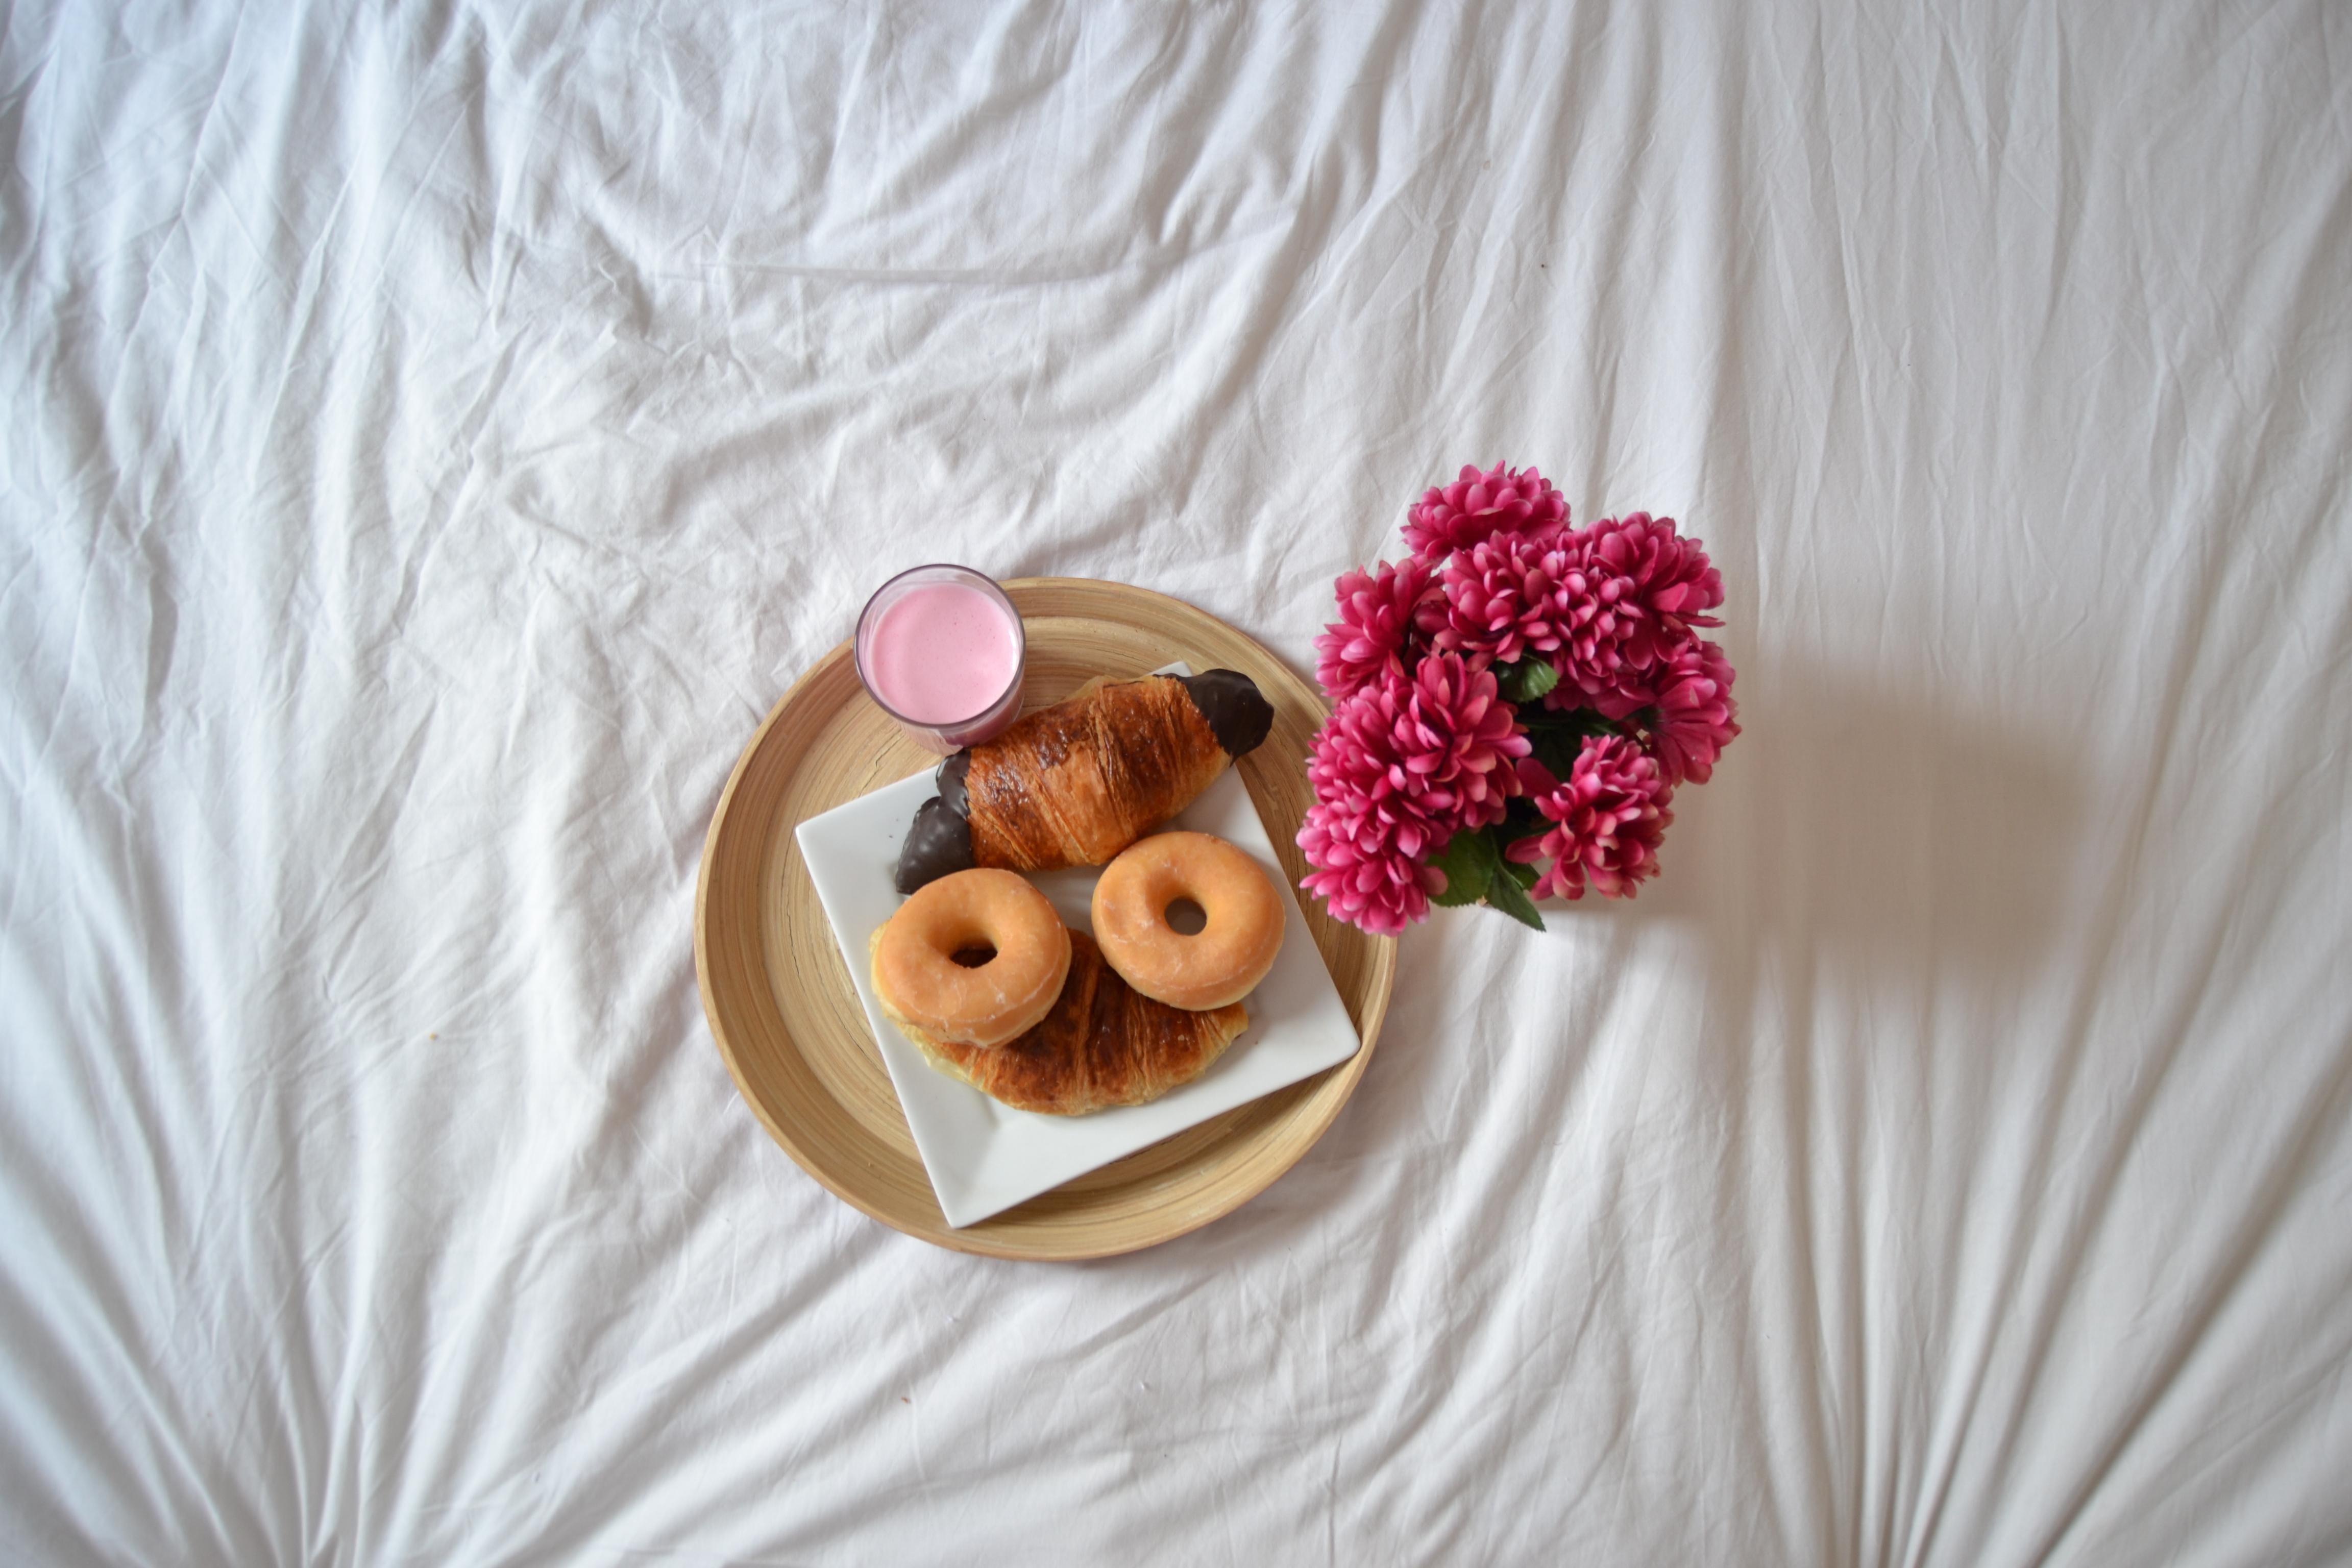 desayuno en la cama, breakfast in bed, Desayuno Deliveroo, desayuno a domicilio, desayuno sorpresa, comida a domicilio,